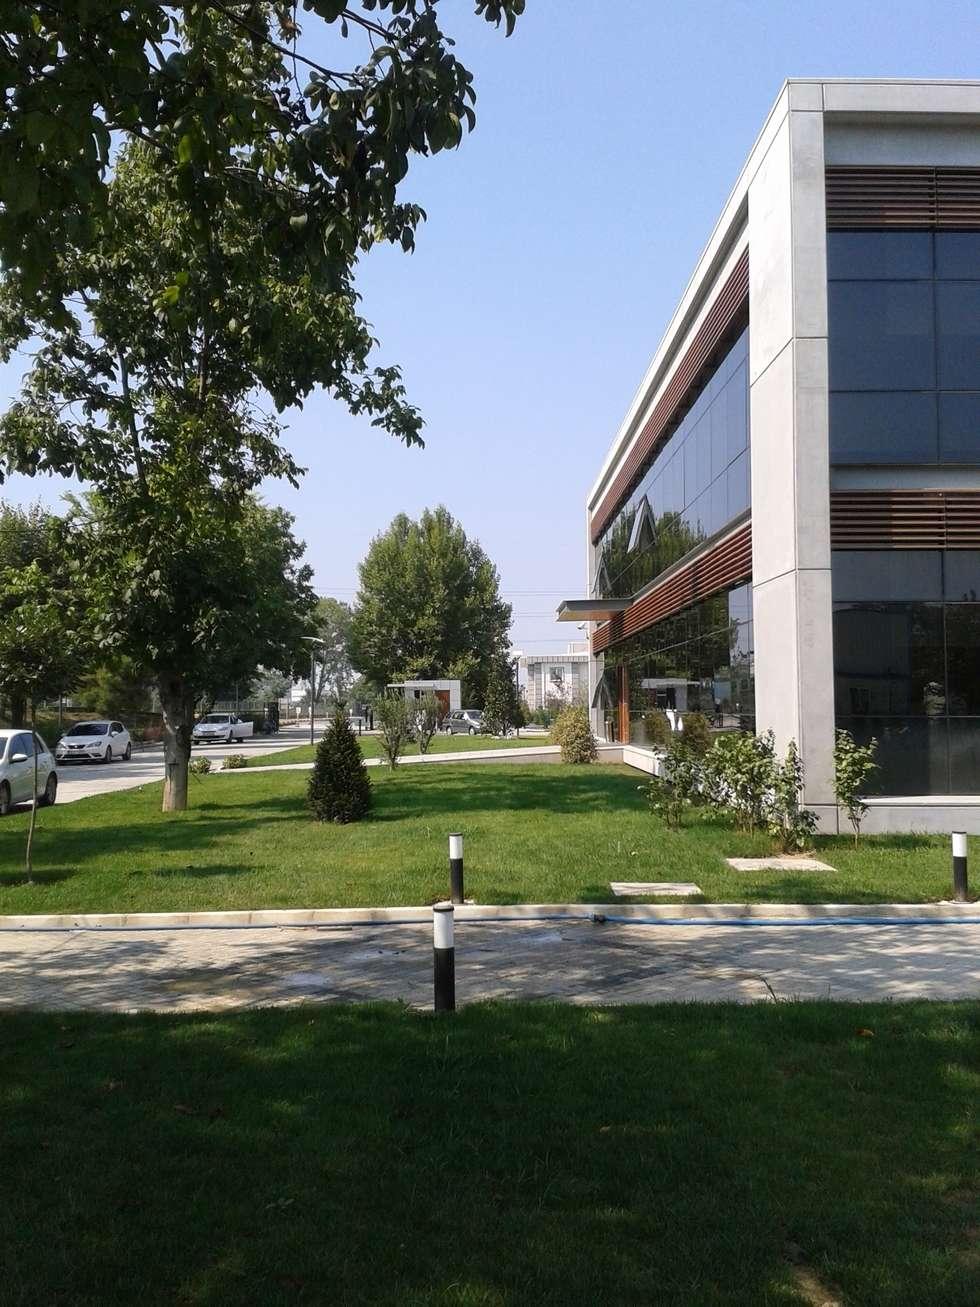 Çisem Peyzaj Tasarım – Sakarya 1.Organize Sanayi Bölgesi Müdürlük Binası Bahçesi Peyzaj Alanı:  tarz Etkinlik merkezleri